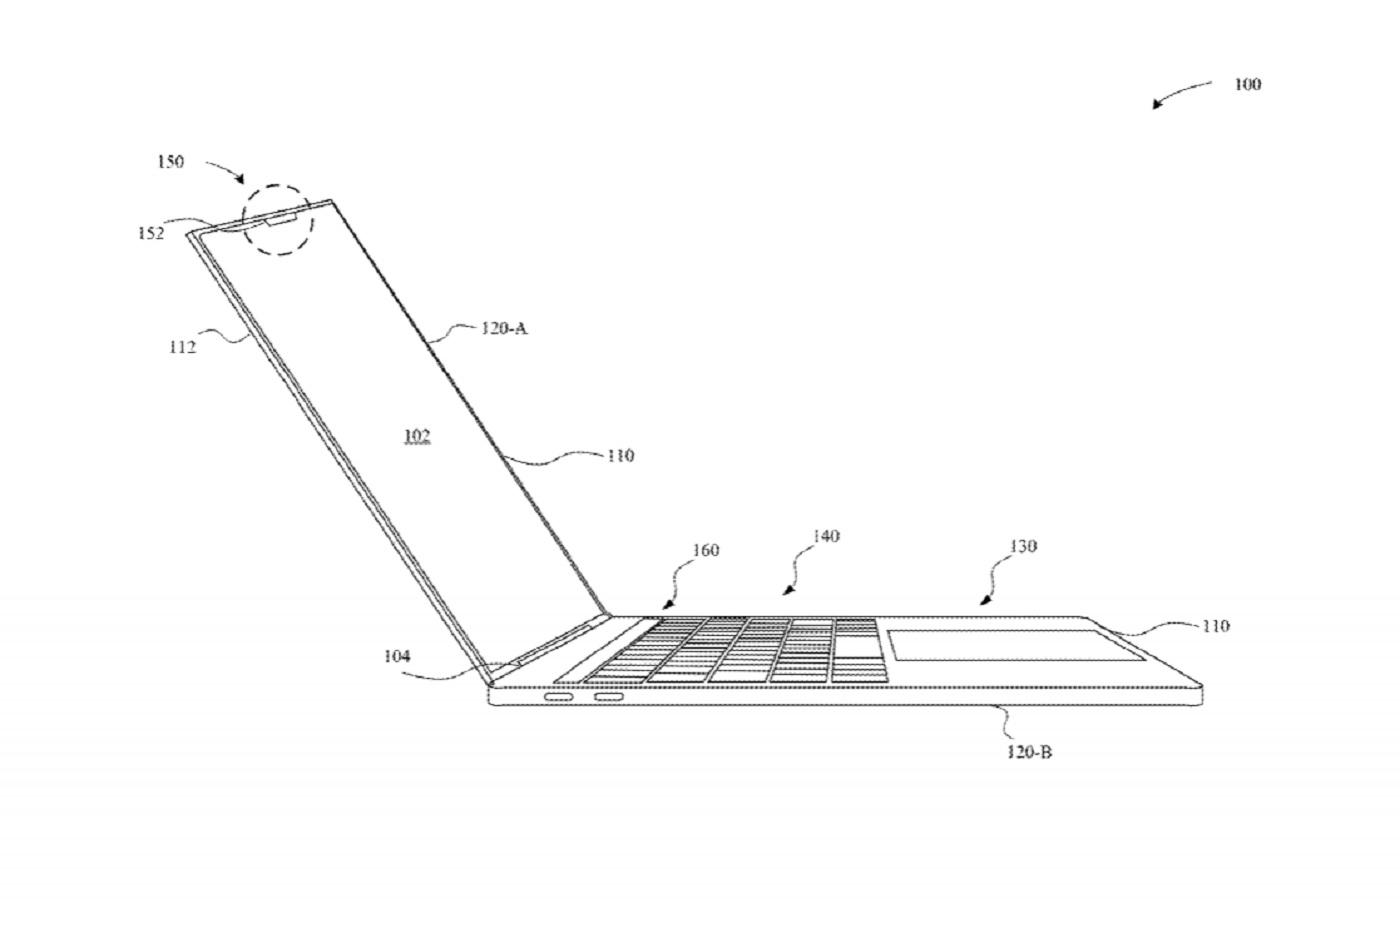 Brevet dApple - Apple pourrait lancer des Macbook avec encoche et Face ID